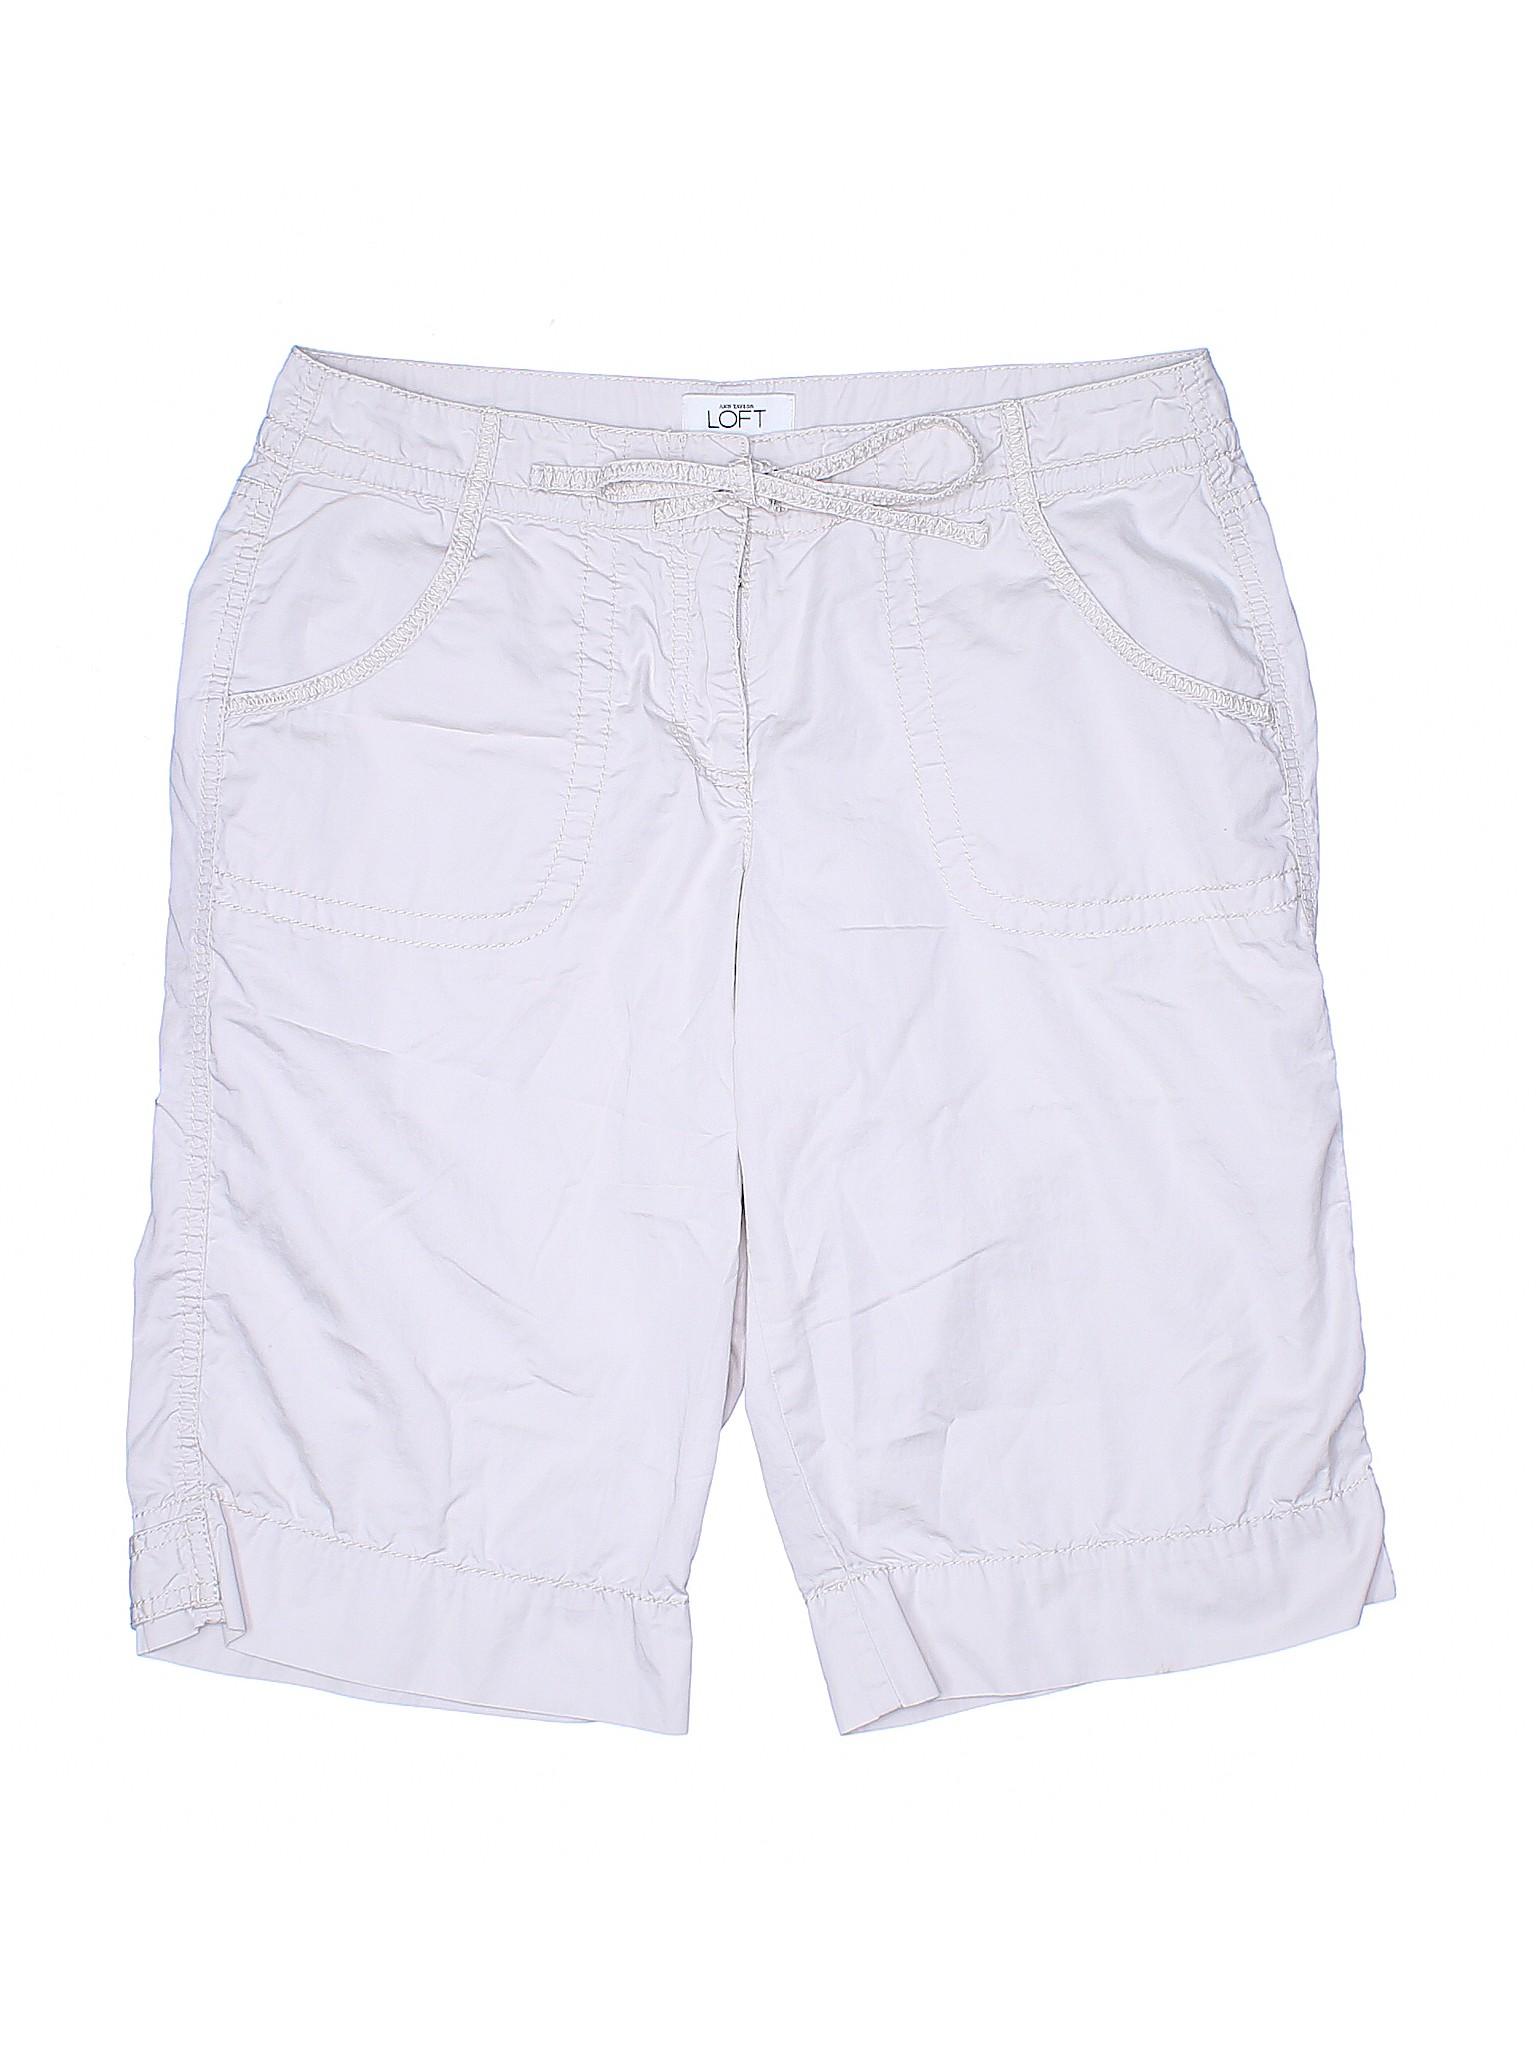 Shorts leisure LOFT Khaki Taylor Ann Boutique CnXwqH8H